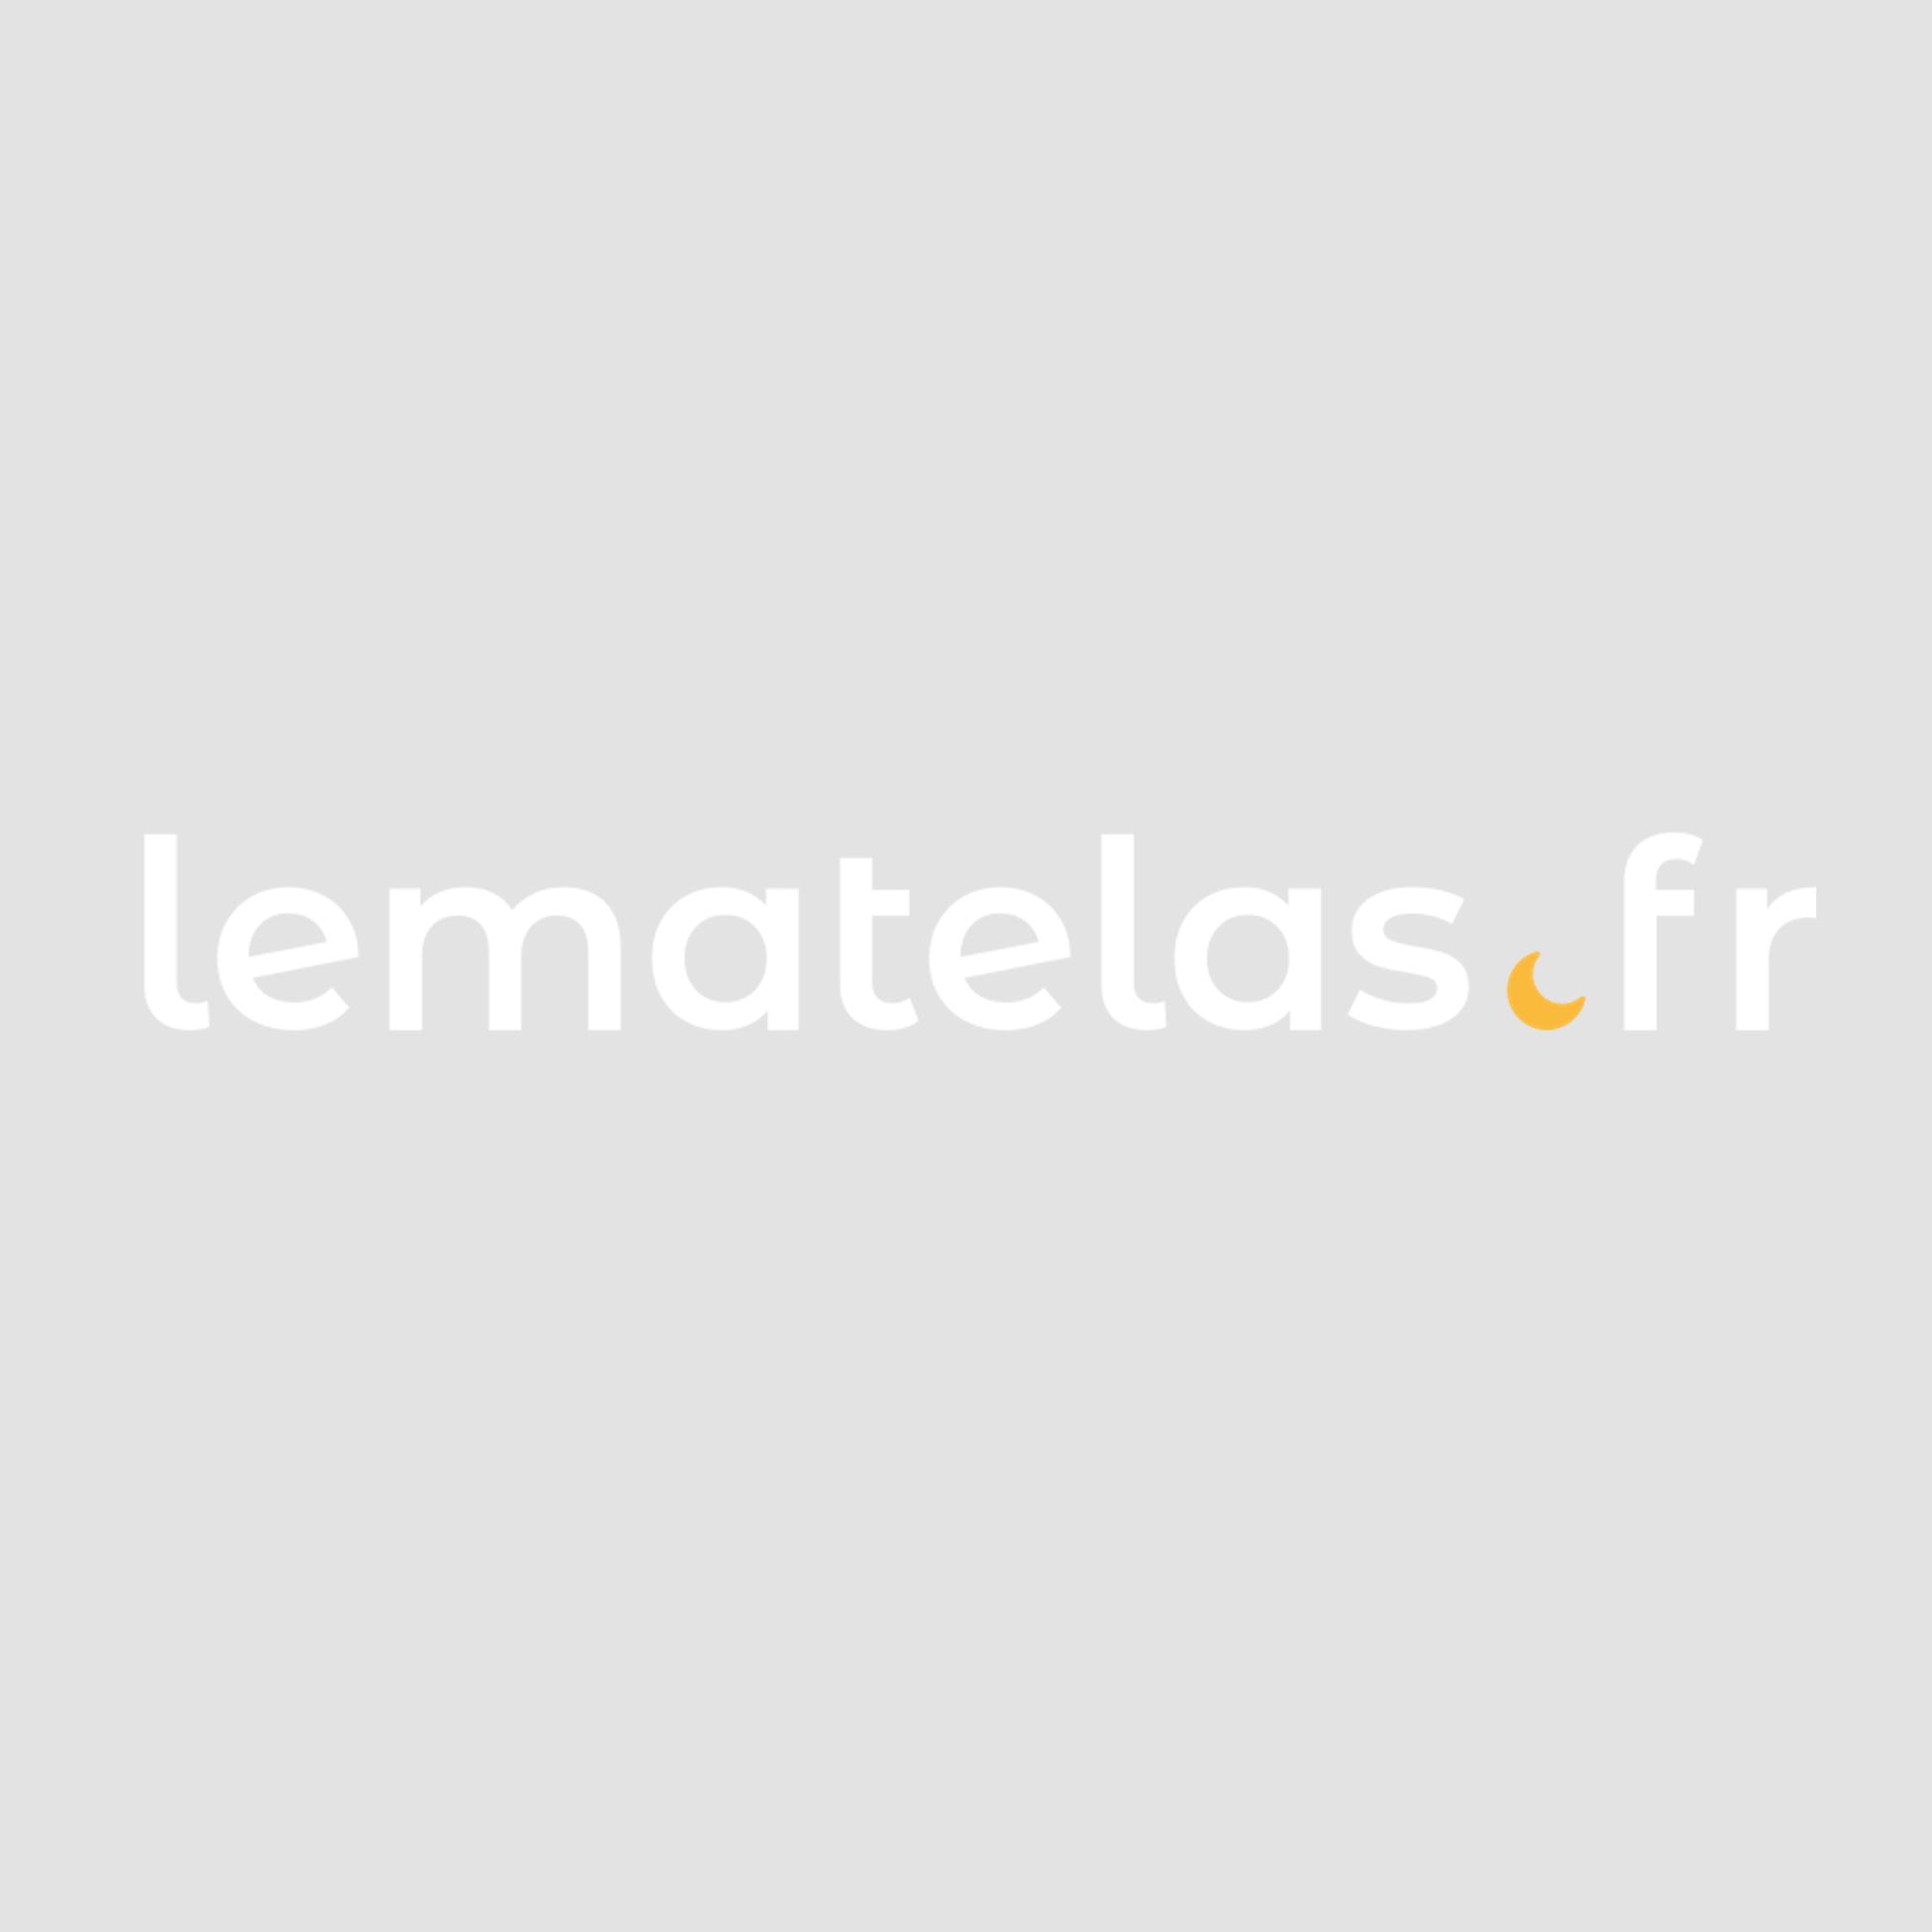 Chambre Lit Cabane Fille lit cabane enfant avec toit en bois blanc 90x200 + tiroir de lit